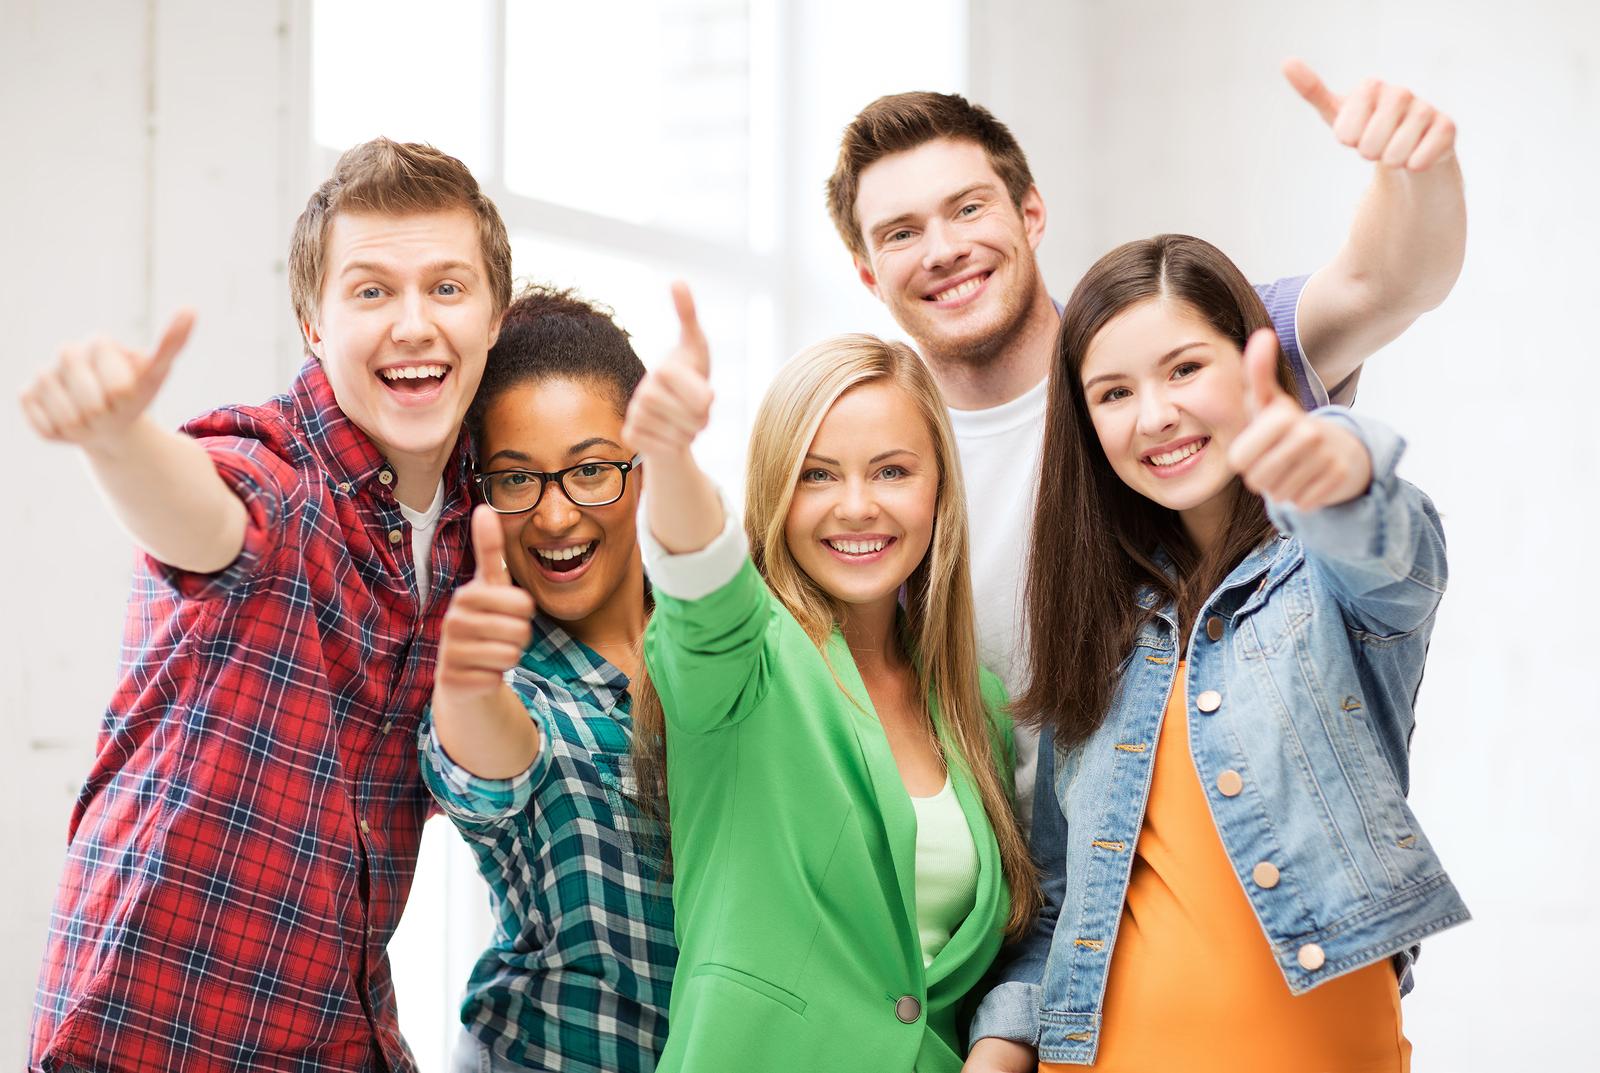 美國大學重視學生專長及興趣,5個問題助你找到自己的興趣所在!